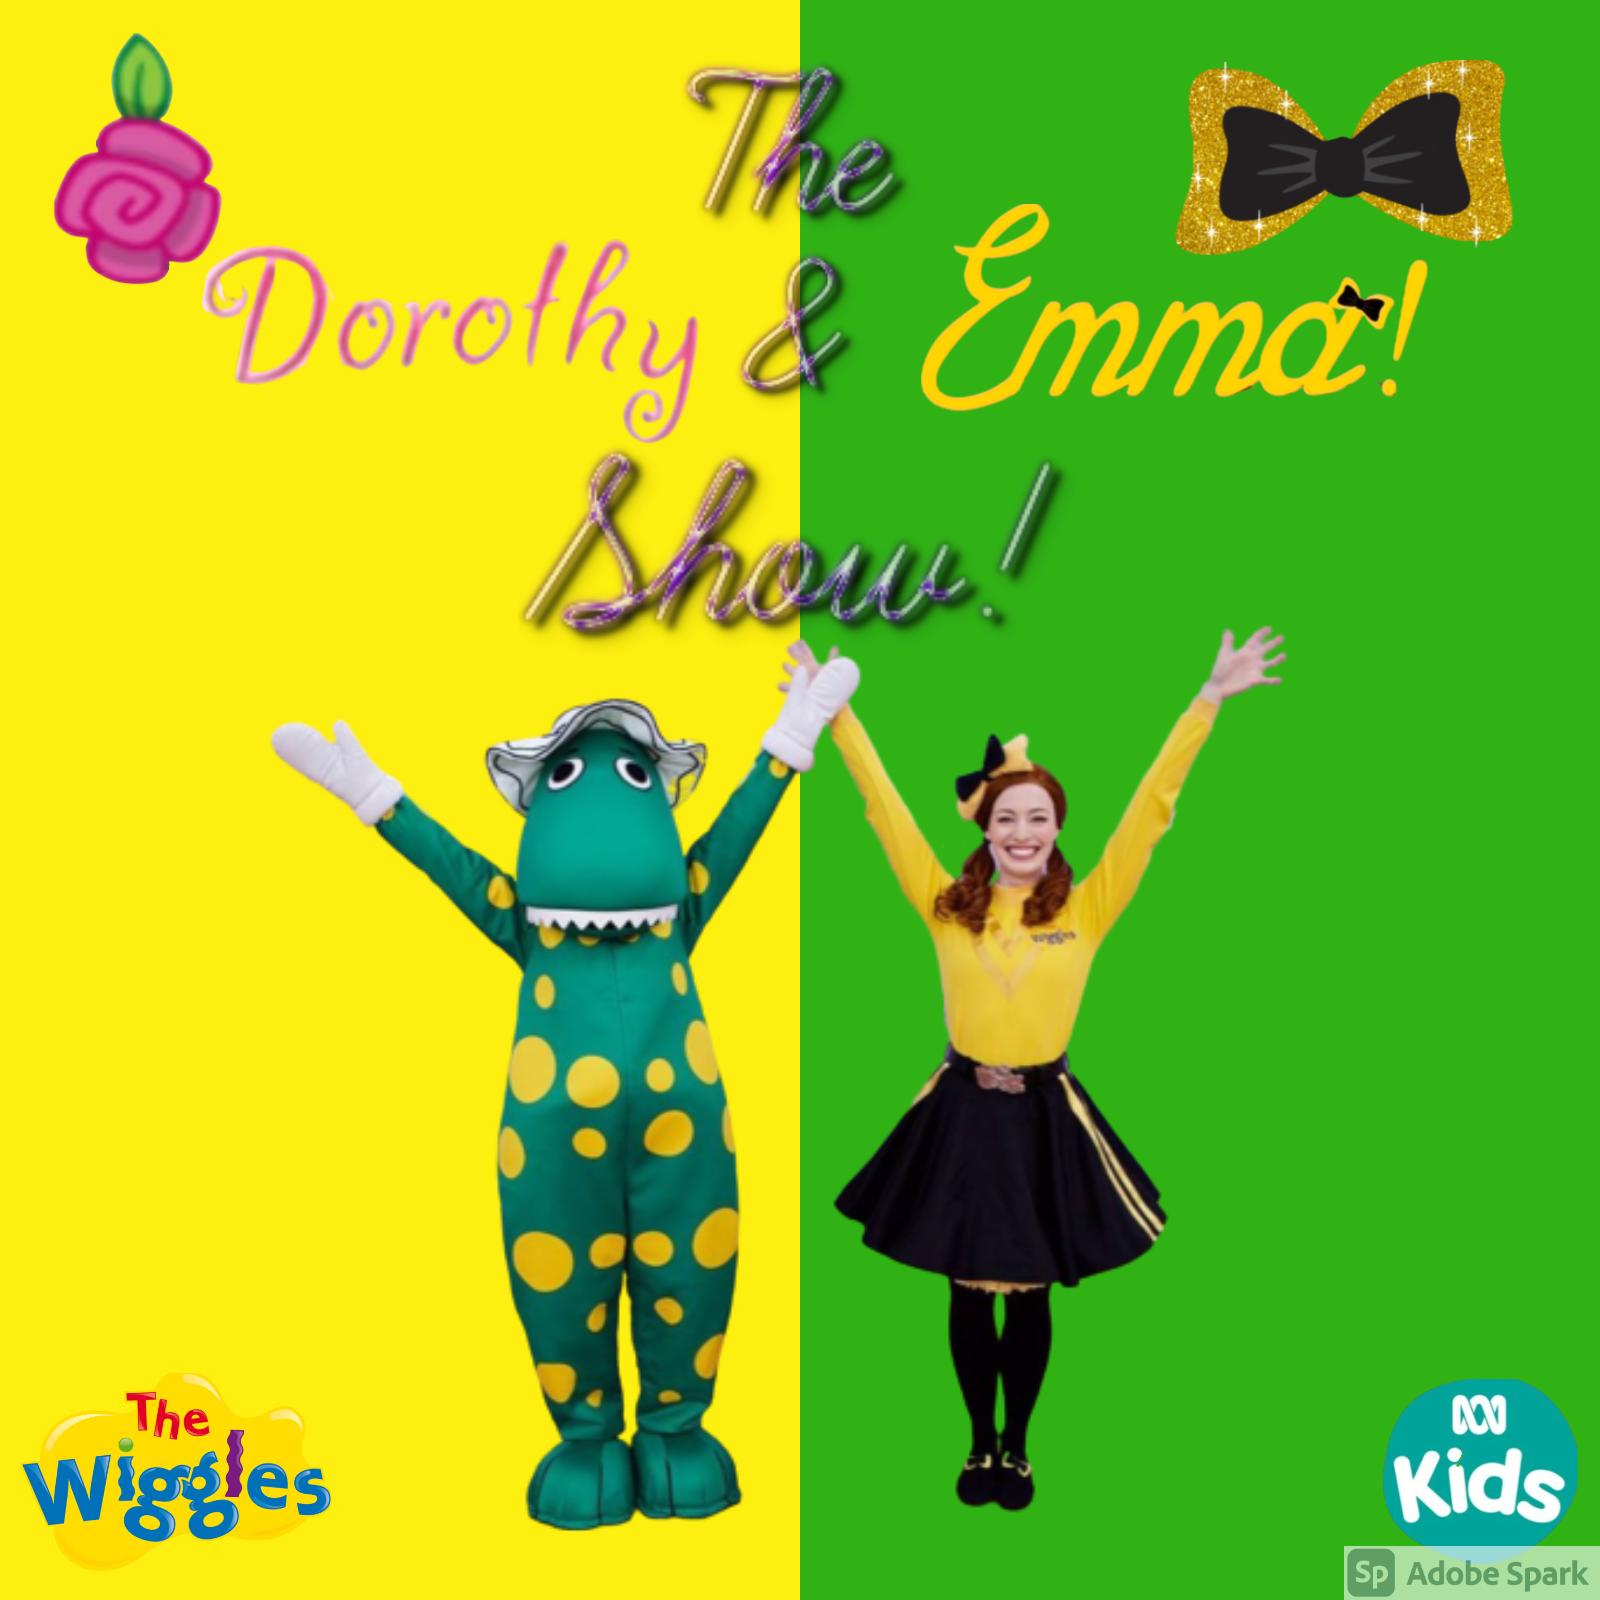 Wigglepedia Fanon: The Dorothy & Emma! Show (album)